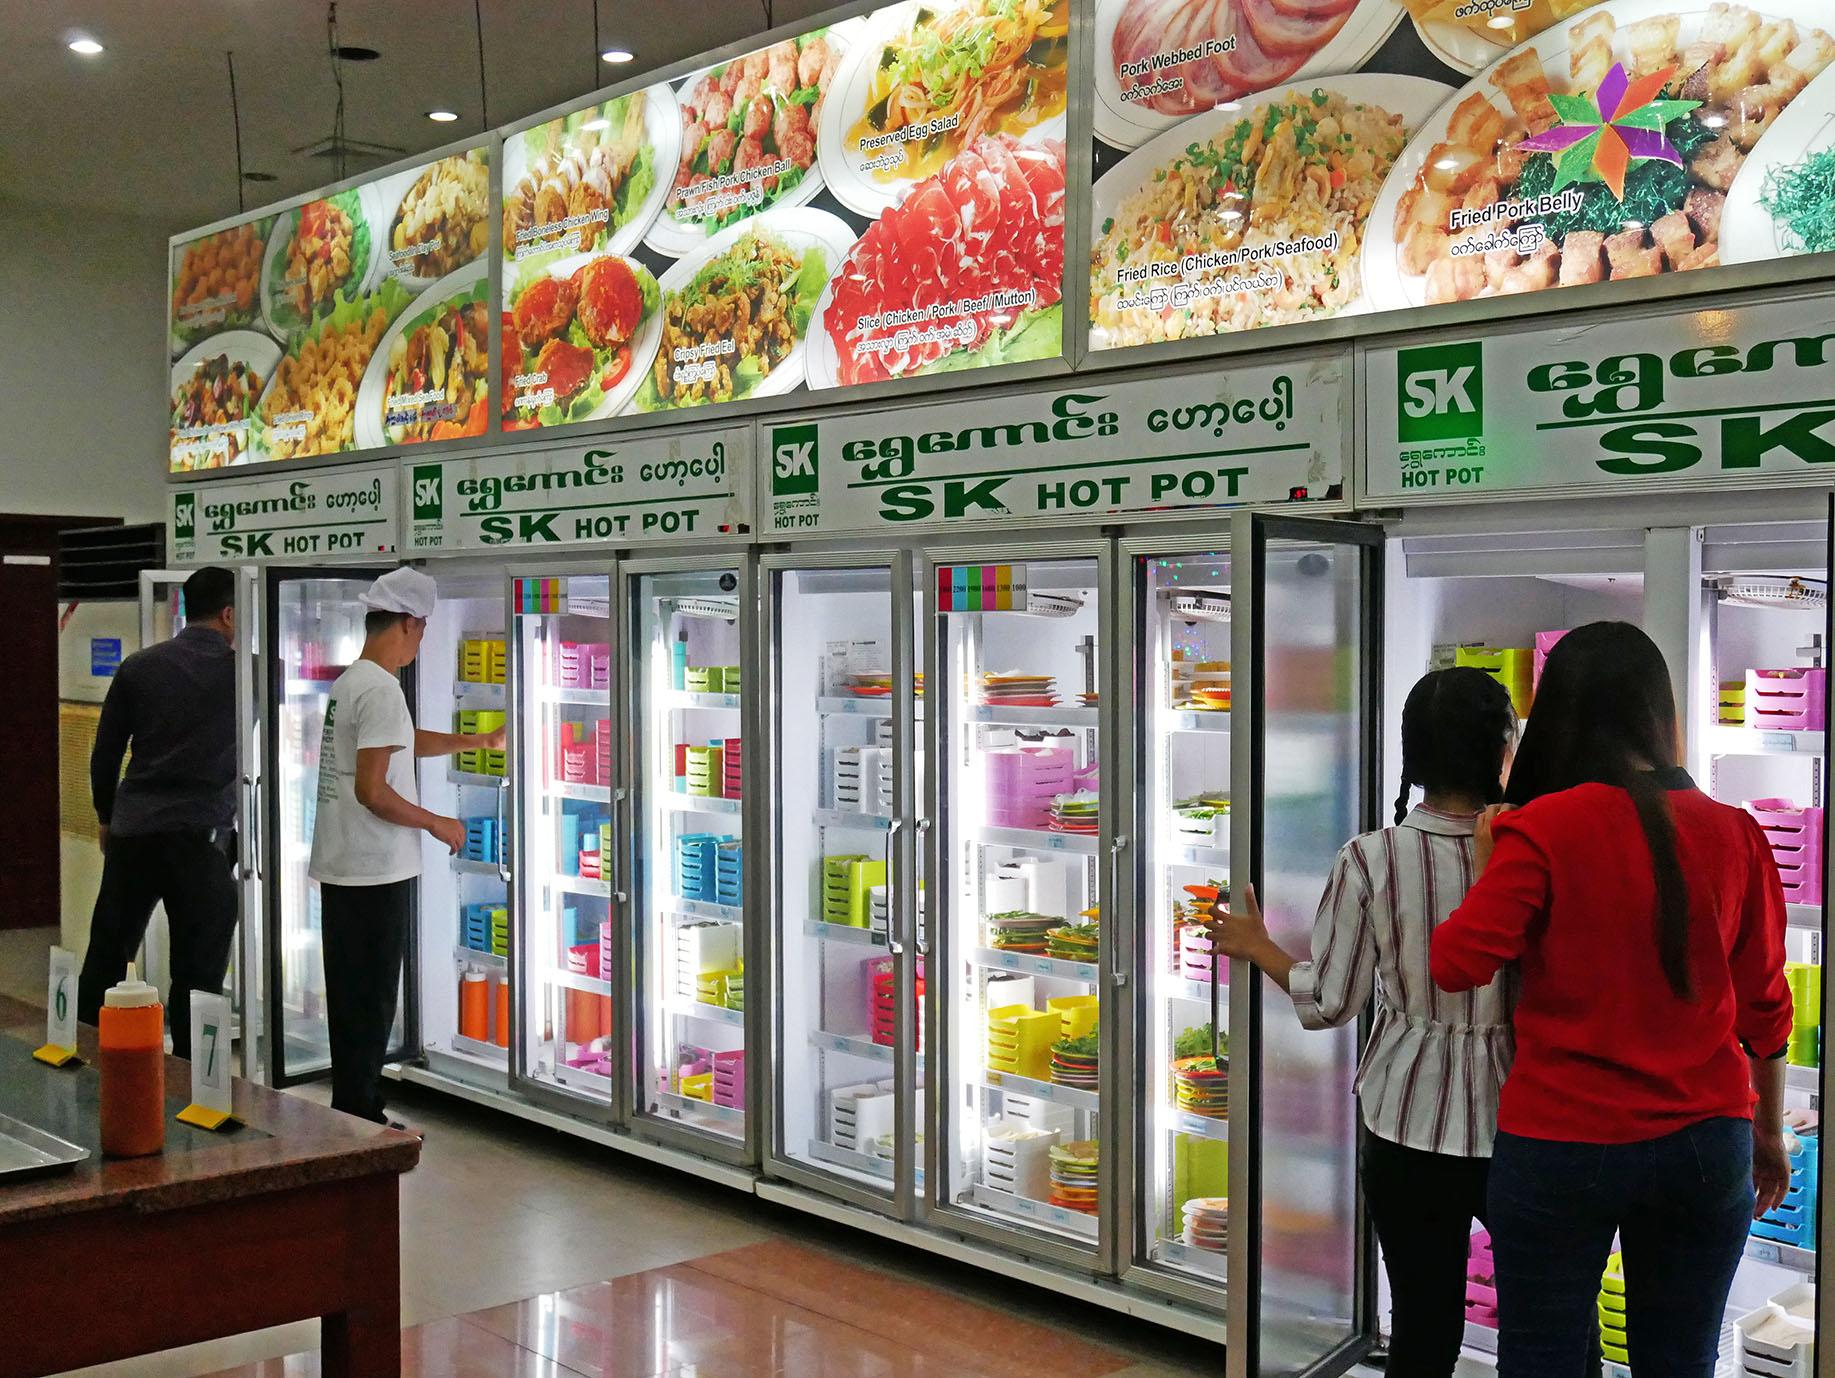 大型冷蔵庫から自由に具材を選ぶ